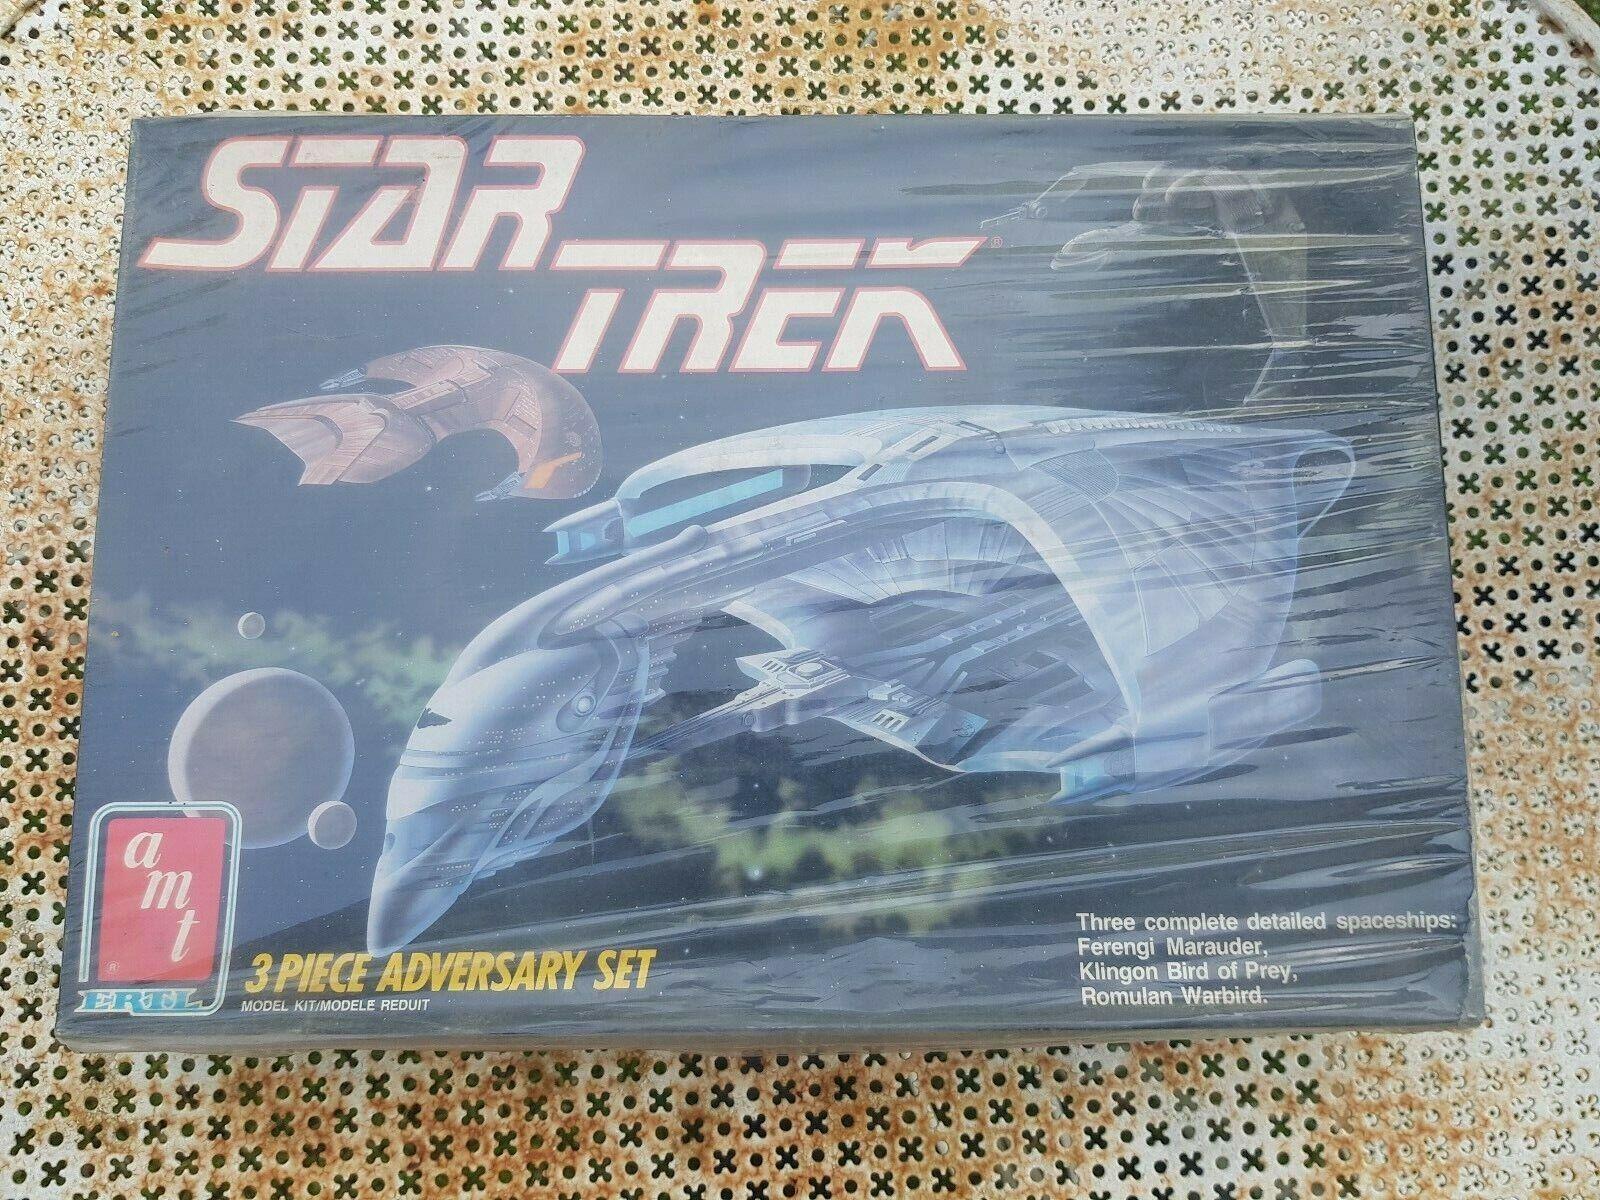 Amt star trek 3 piece adversary set